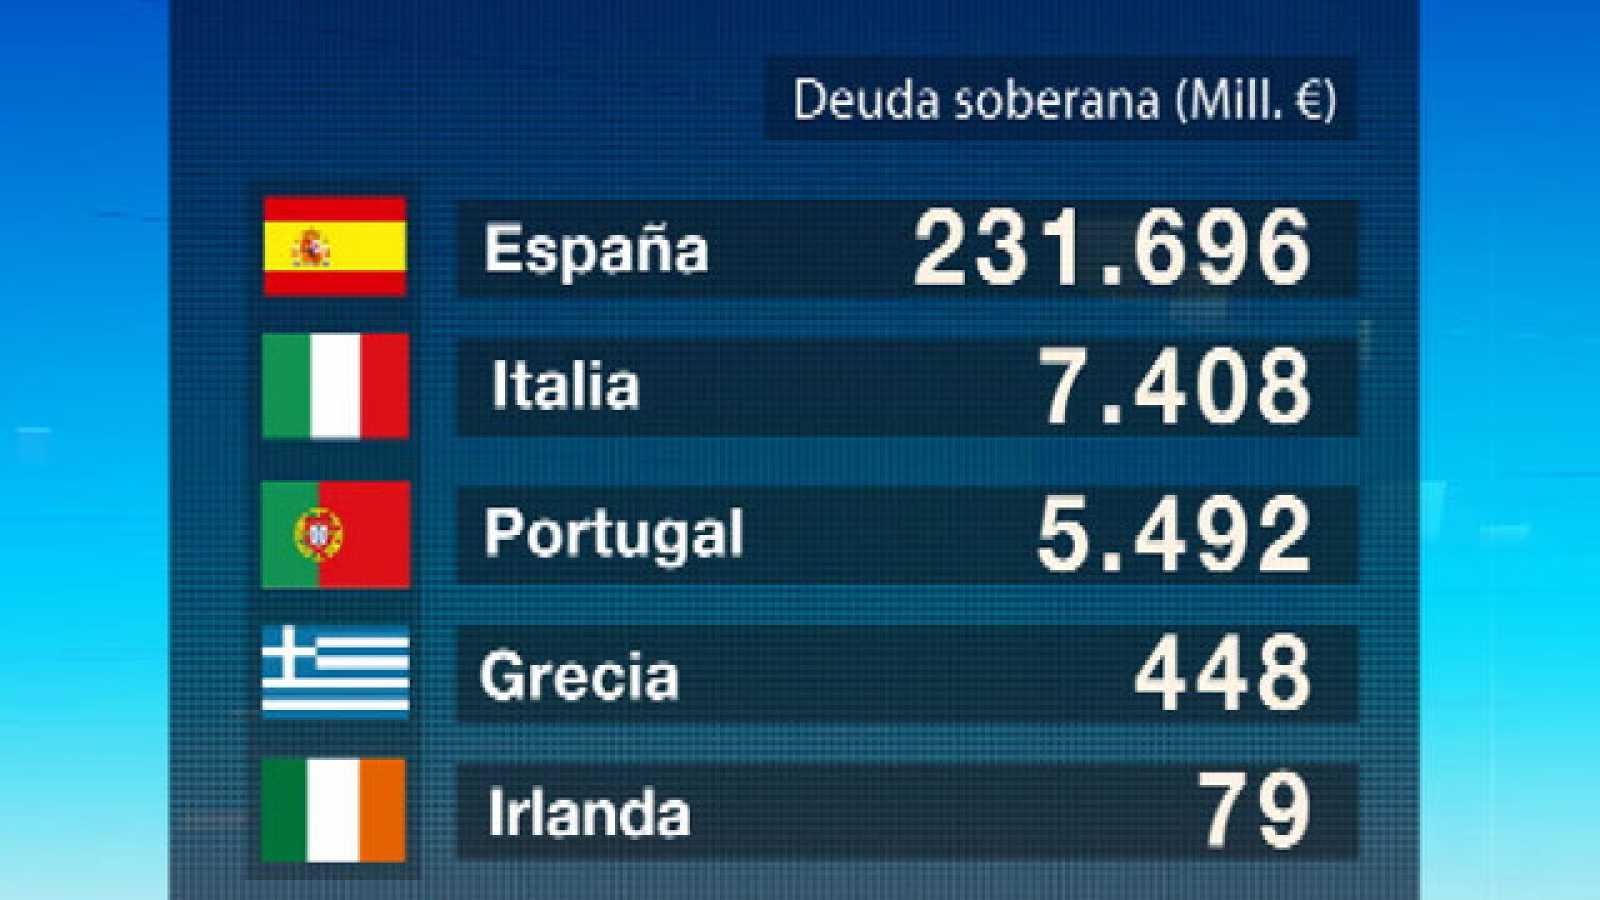 Desde el 2008 la Unión Europea ha invertido al menos 500.000 millones de euros en rescates a la banca